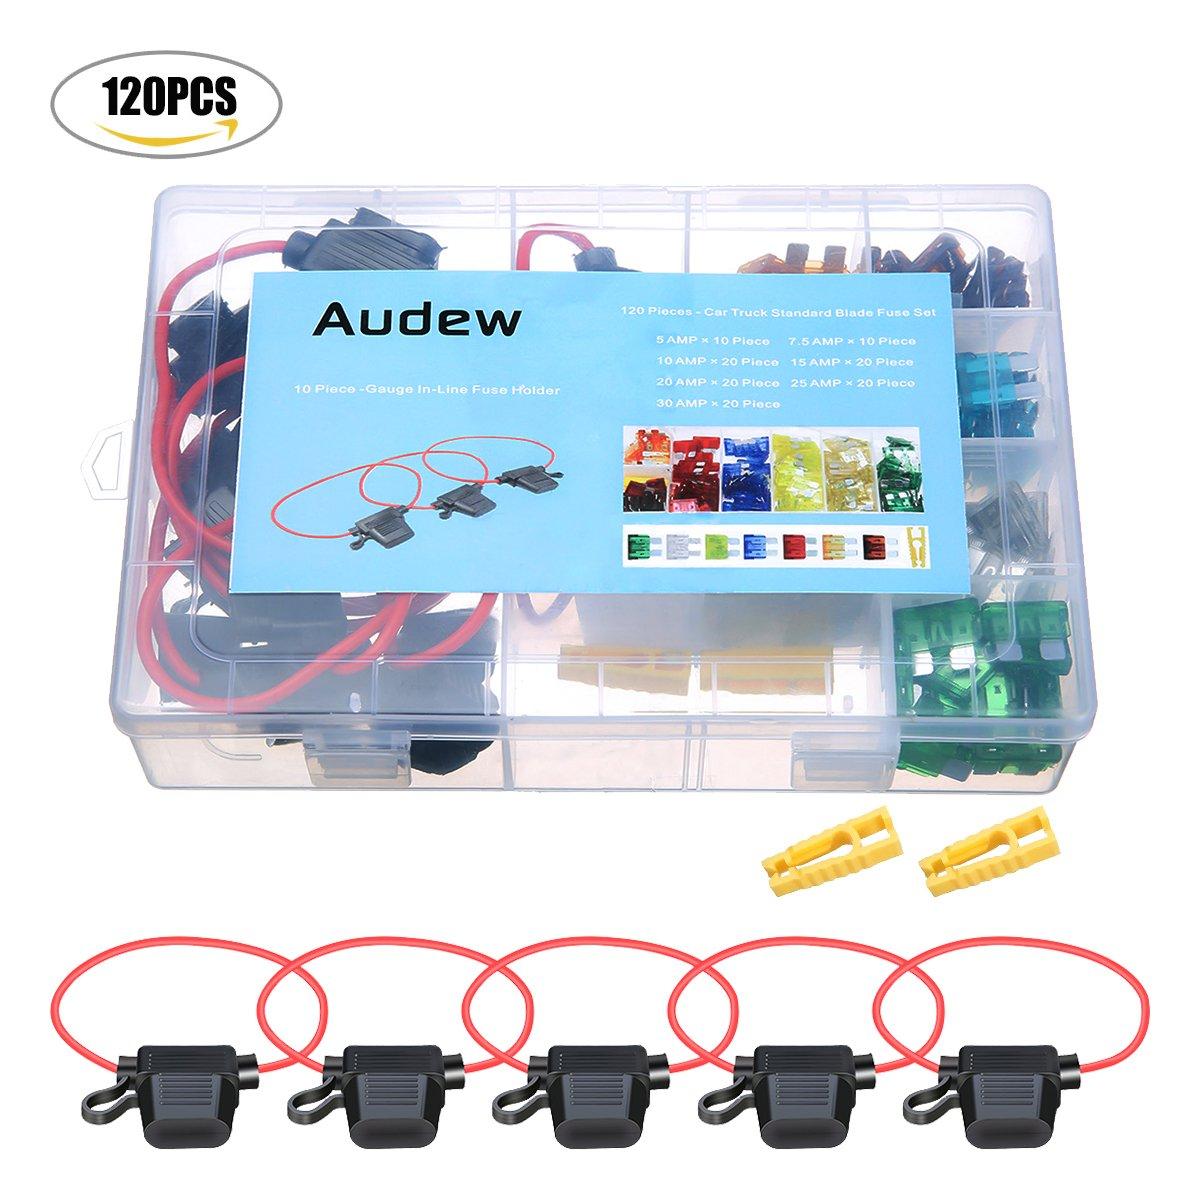 10 Amp Fuse Wire: Amazon.co.uk